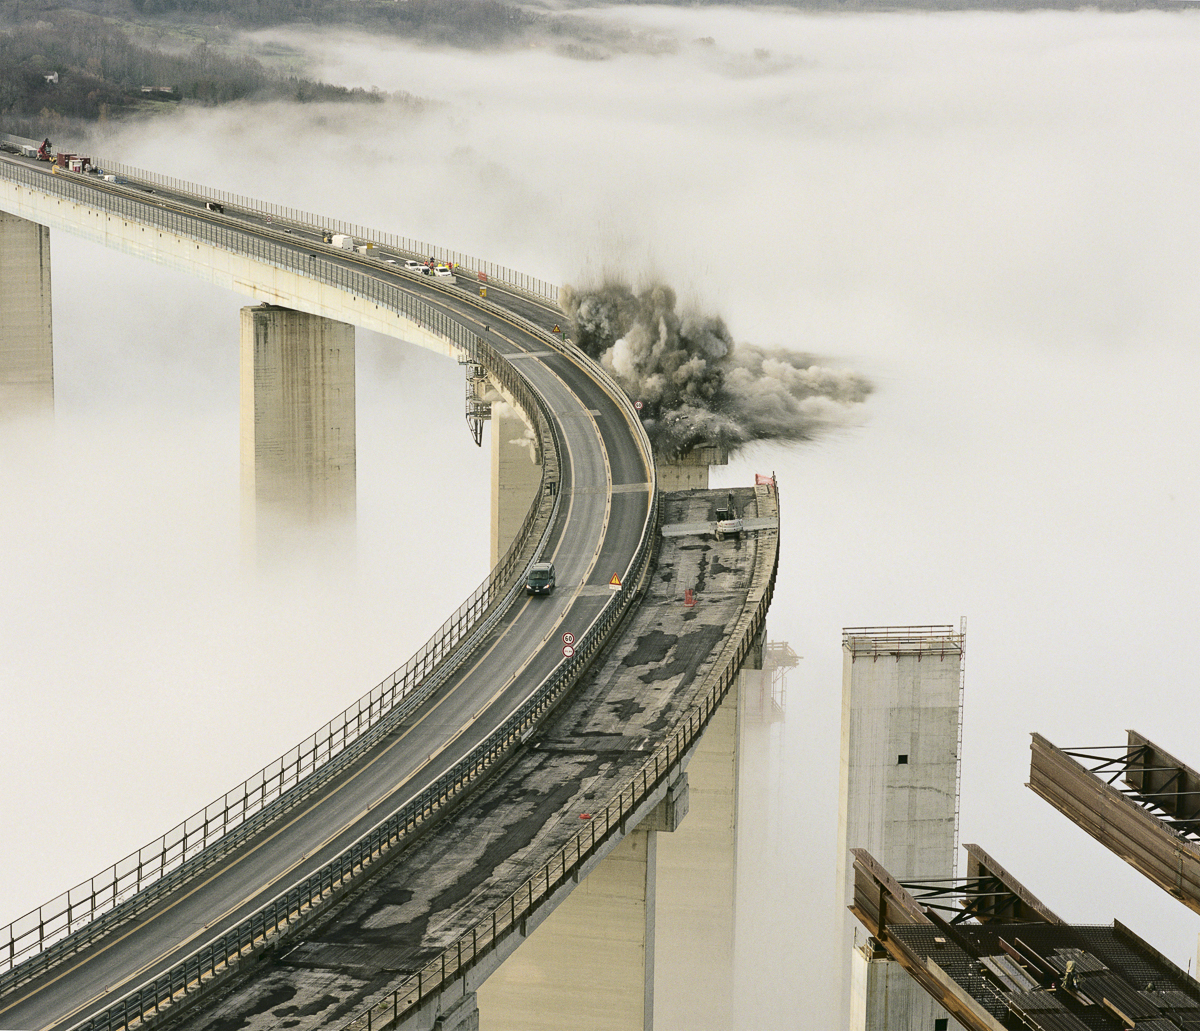 Démolition commandée d'un segment du viaduc Italia, dans la vallée de la rivière Lao, à Cosenza. L'autoroute A3 Salerno-Reggio Calabria, ses 442,9 km de long, 22 km de tunnels et 45 km de viaducs a été conçue par les meilleurs ingénieurs italiens.